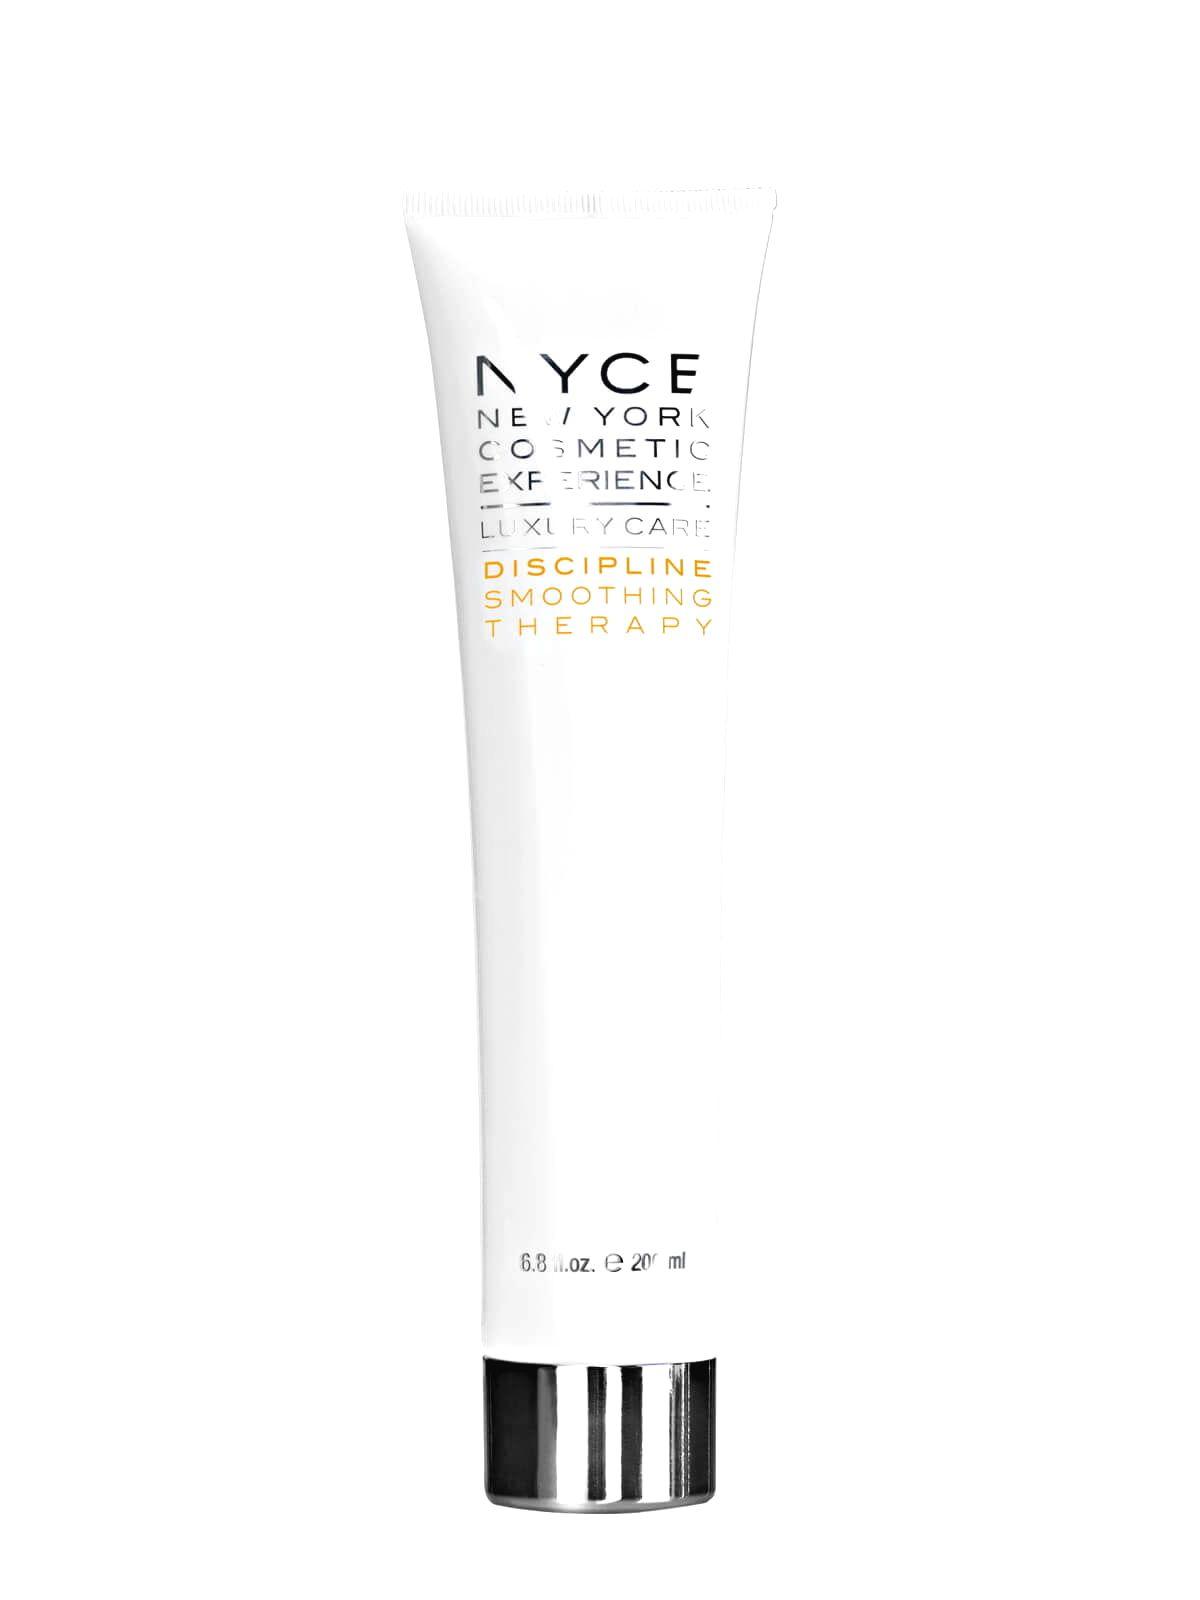 NYCE Vyhladzujúci maska pre kučeravé a vlnité vlasy Discipline ( Smooth ing Therapy)200 ml